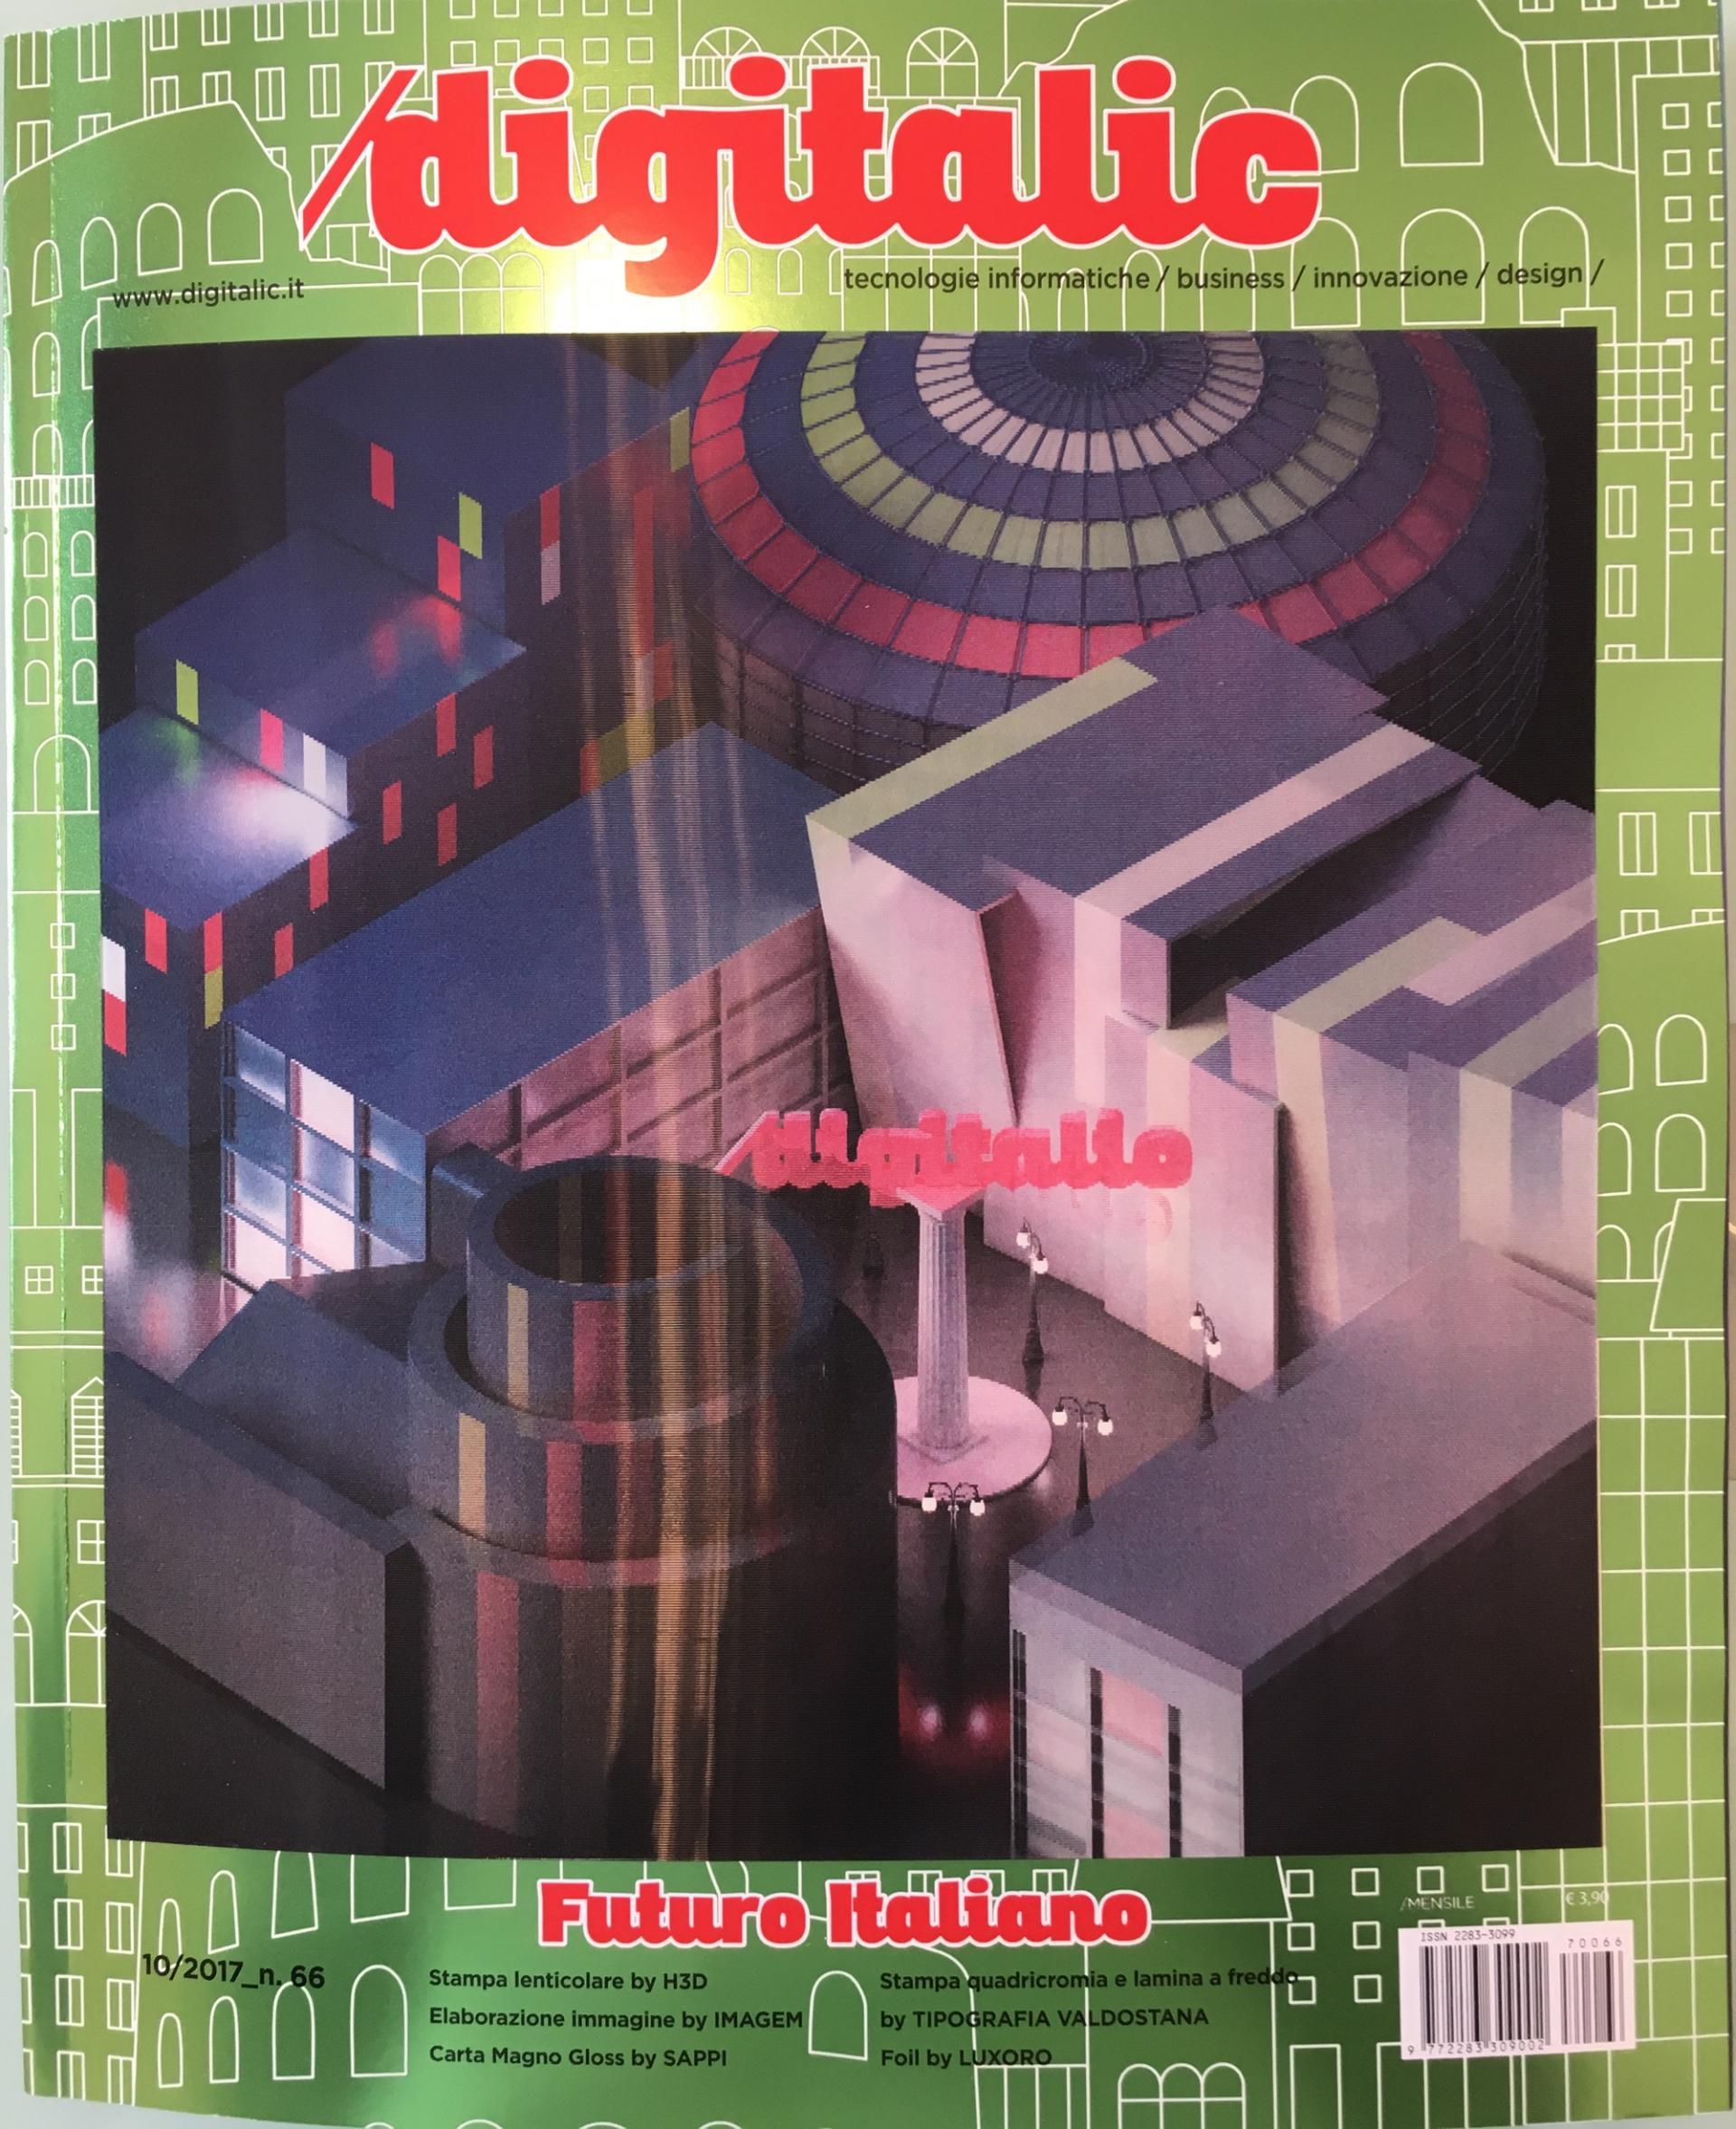 Digitalic Lenticolare n. 66 copertina